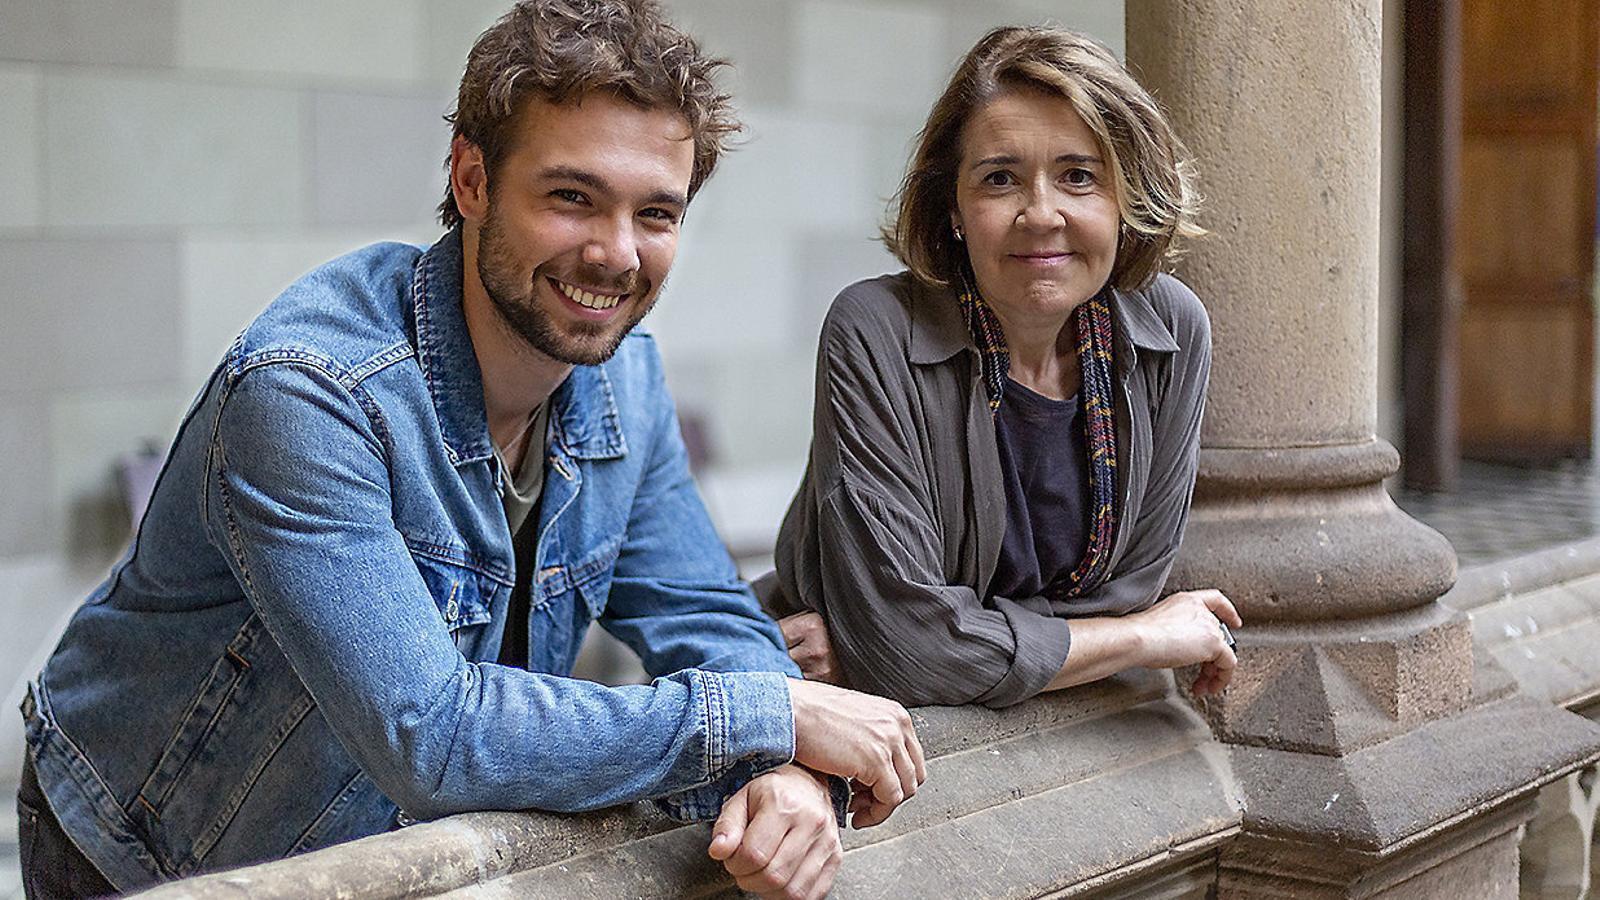 Carlos Cuevas i María Pujalte protagonitzen Merlí: sapere aude, que aquesta nit arriba a TV3.